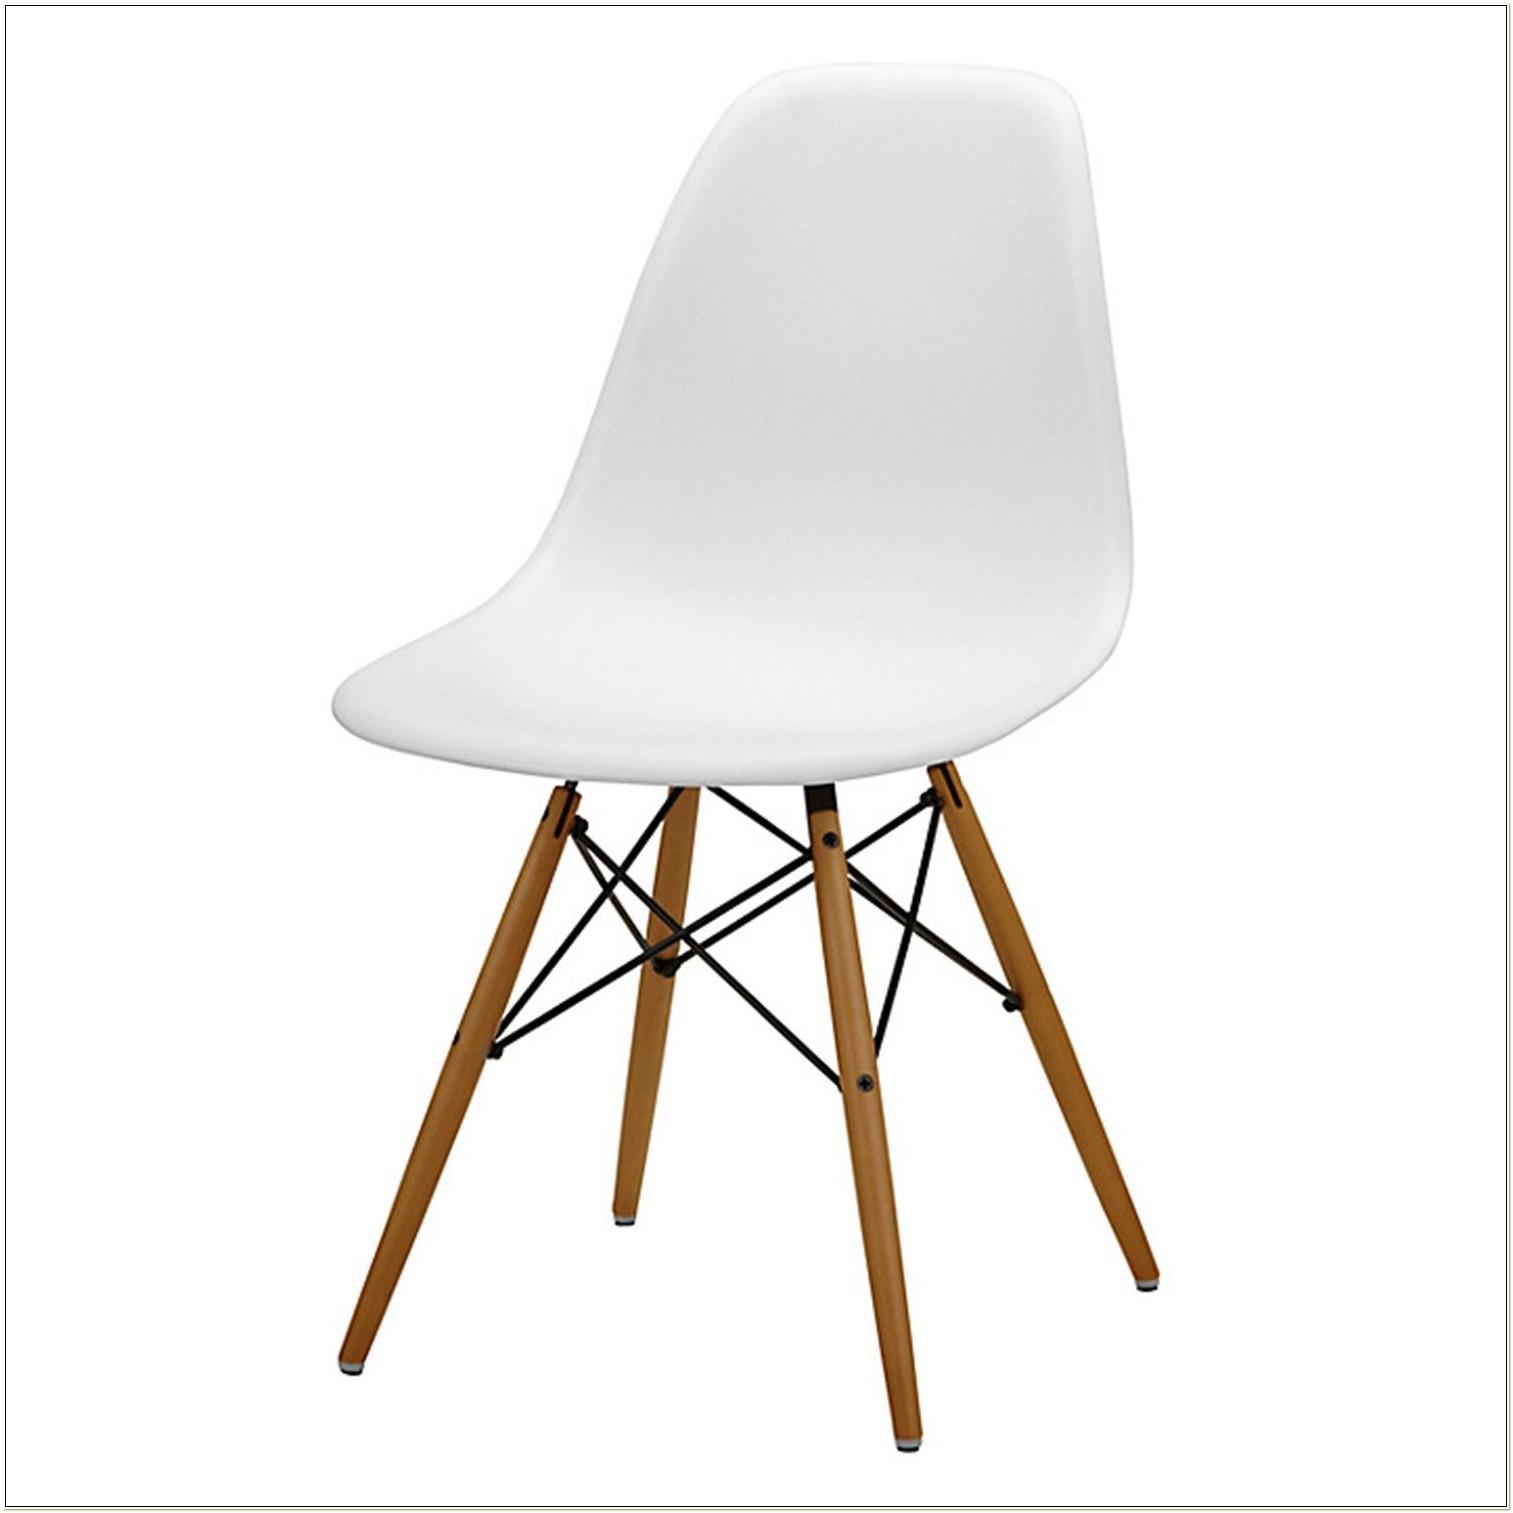 Charles Eames Eiffel Chair Replica